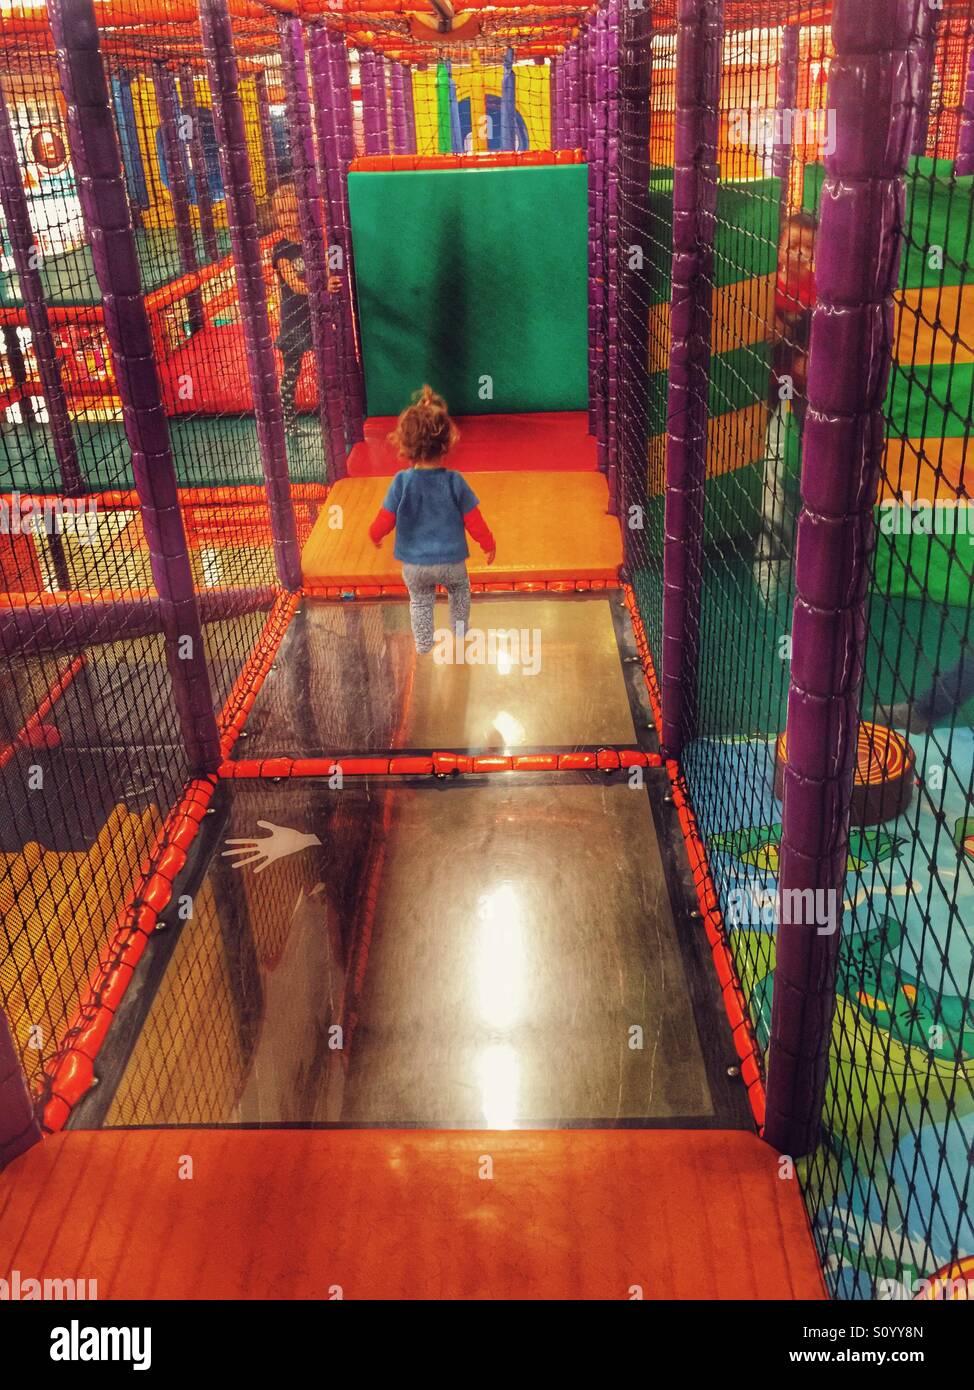 Toddler brincar no parque infantil interior m Imagens de Stock